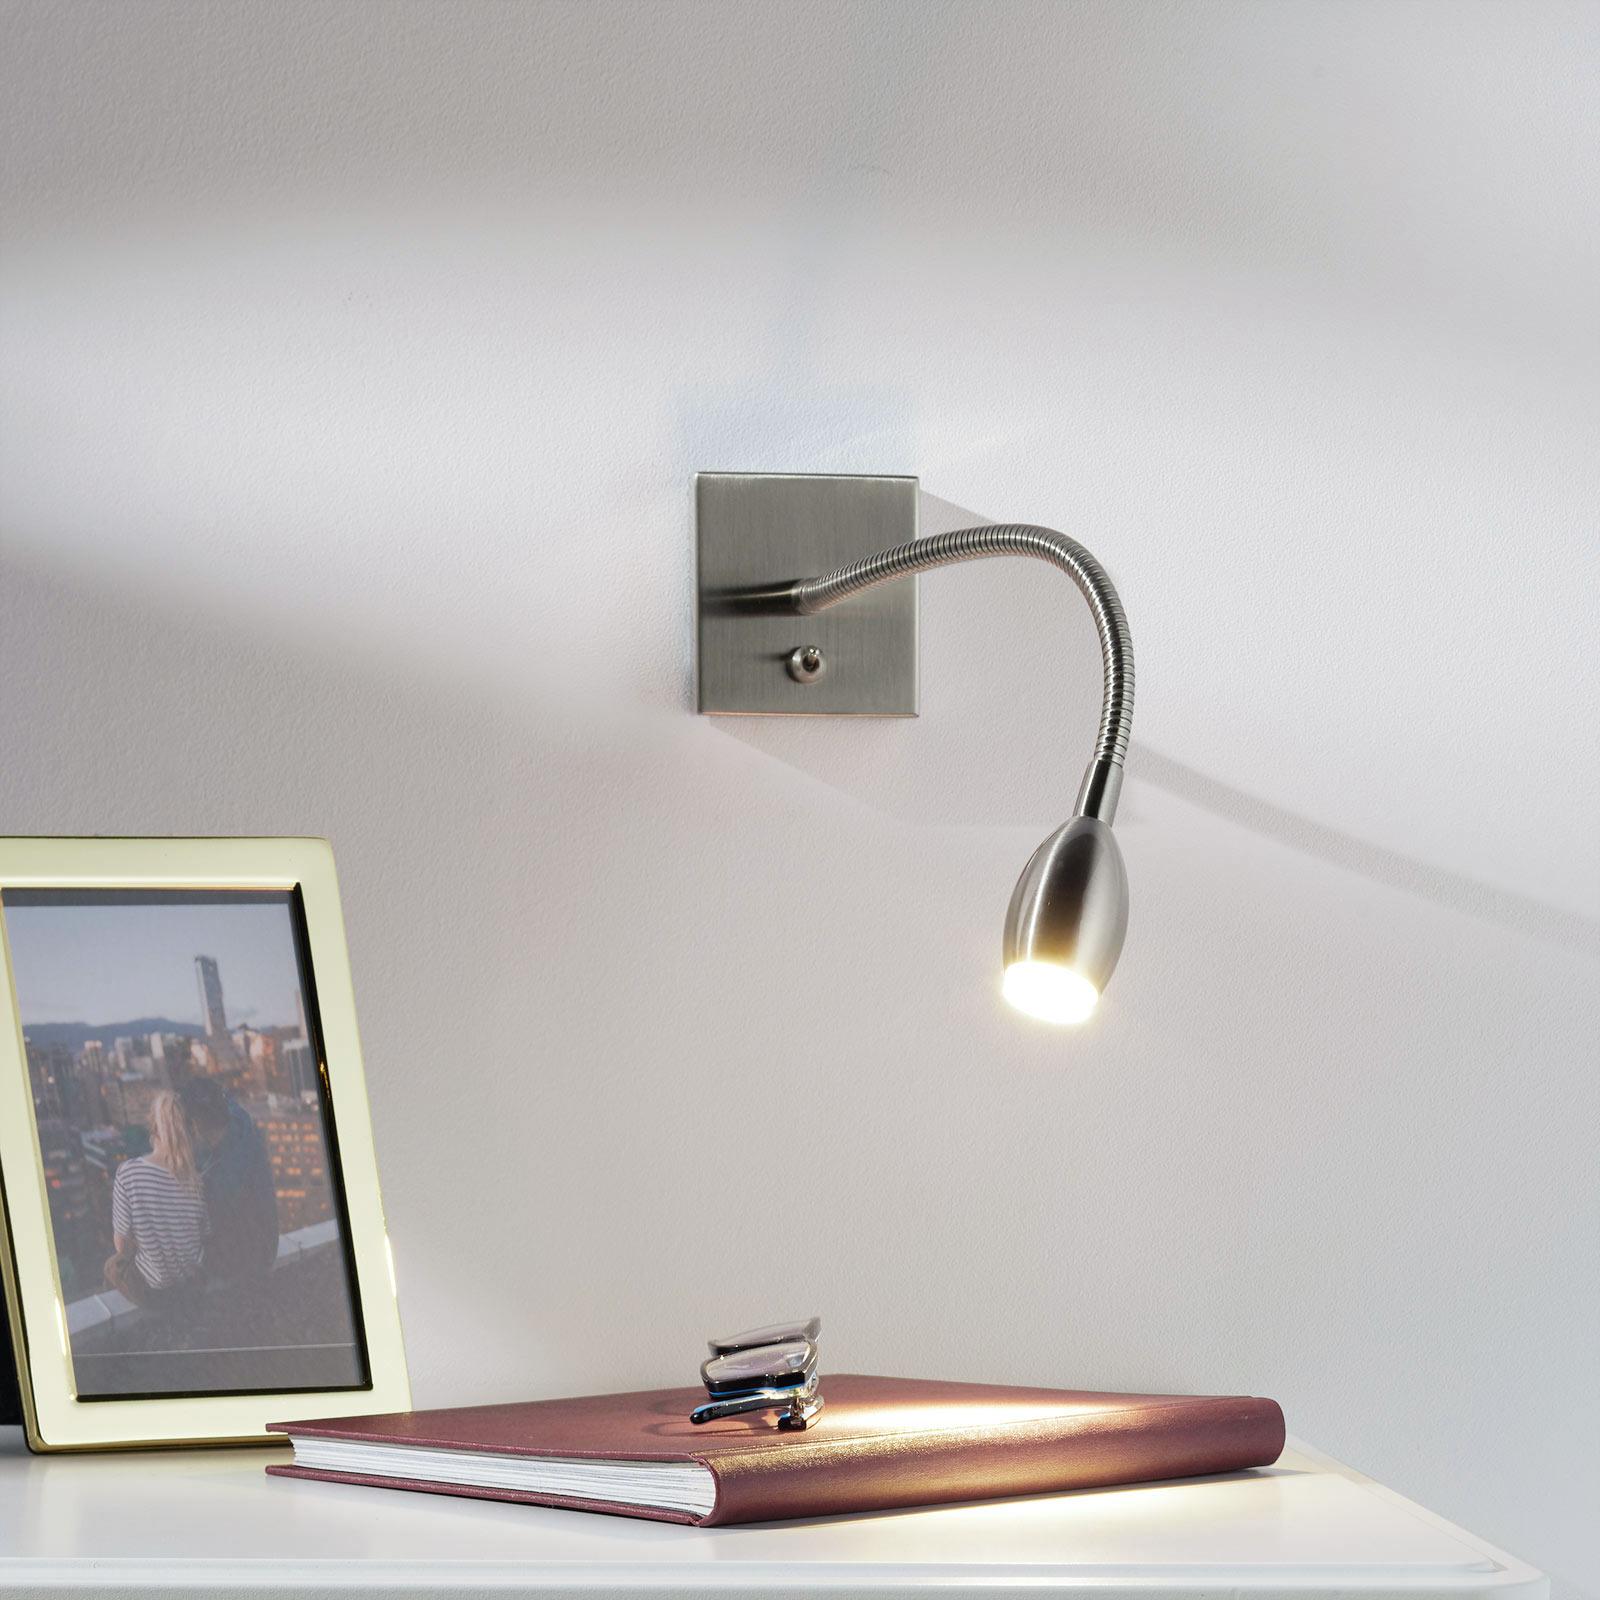 PILAR LED-væglampe med fleksarm, nikkel